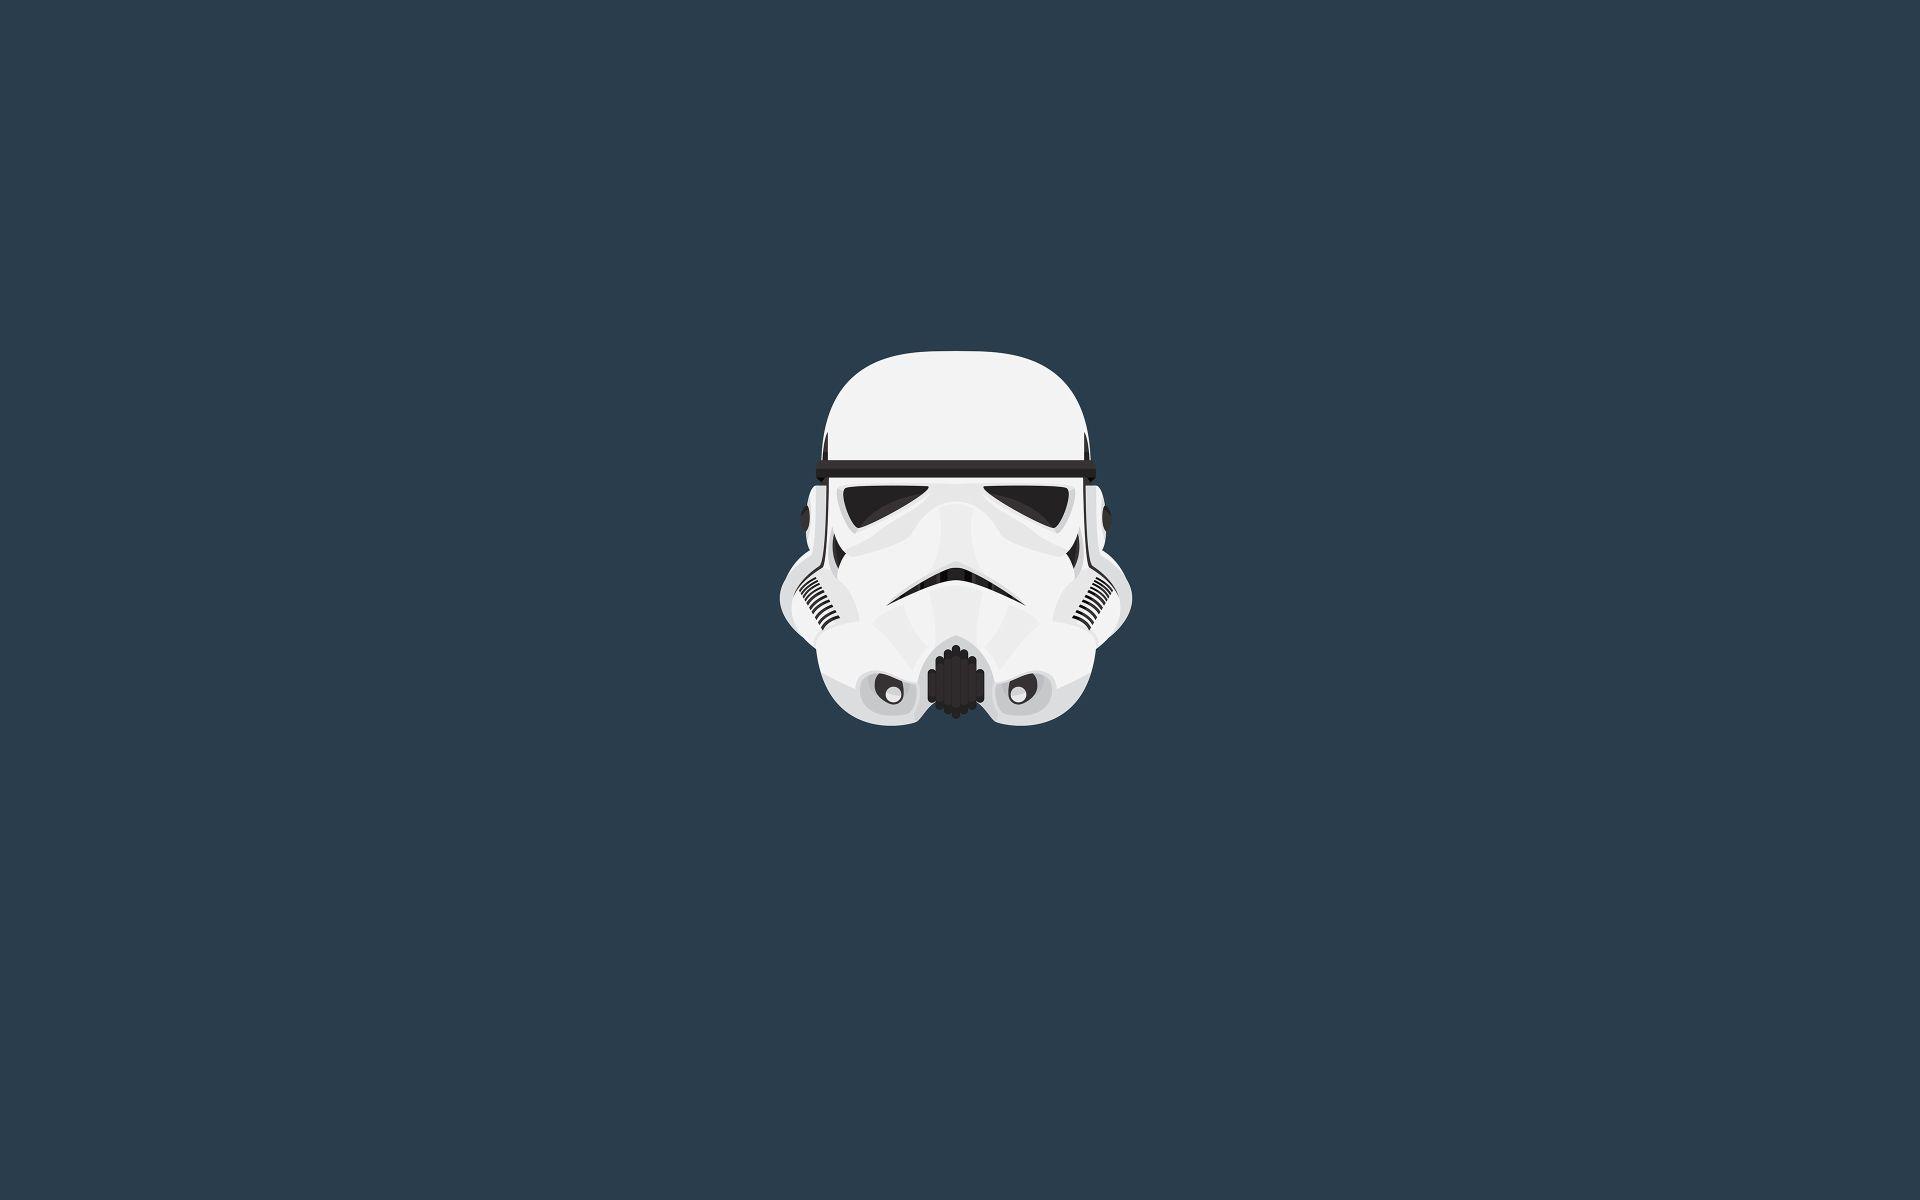 Star Wars Minimalist Background